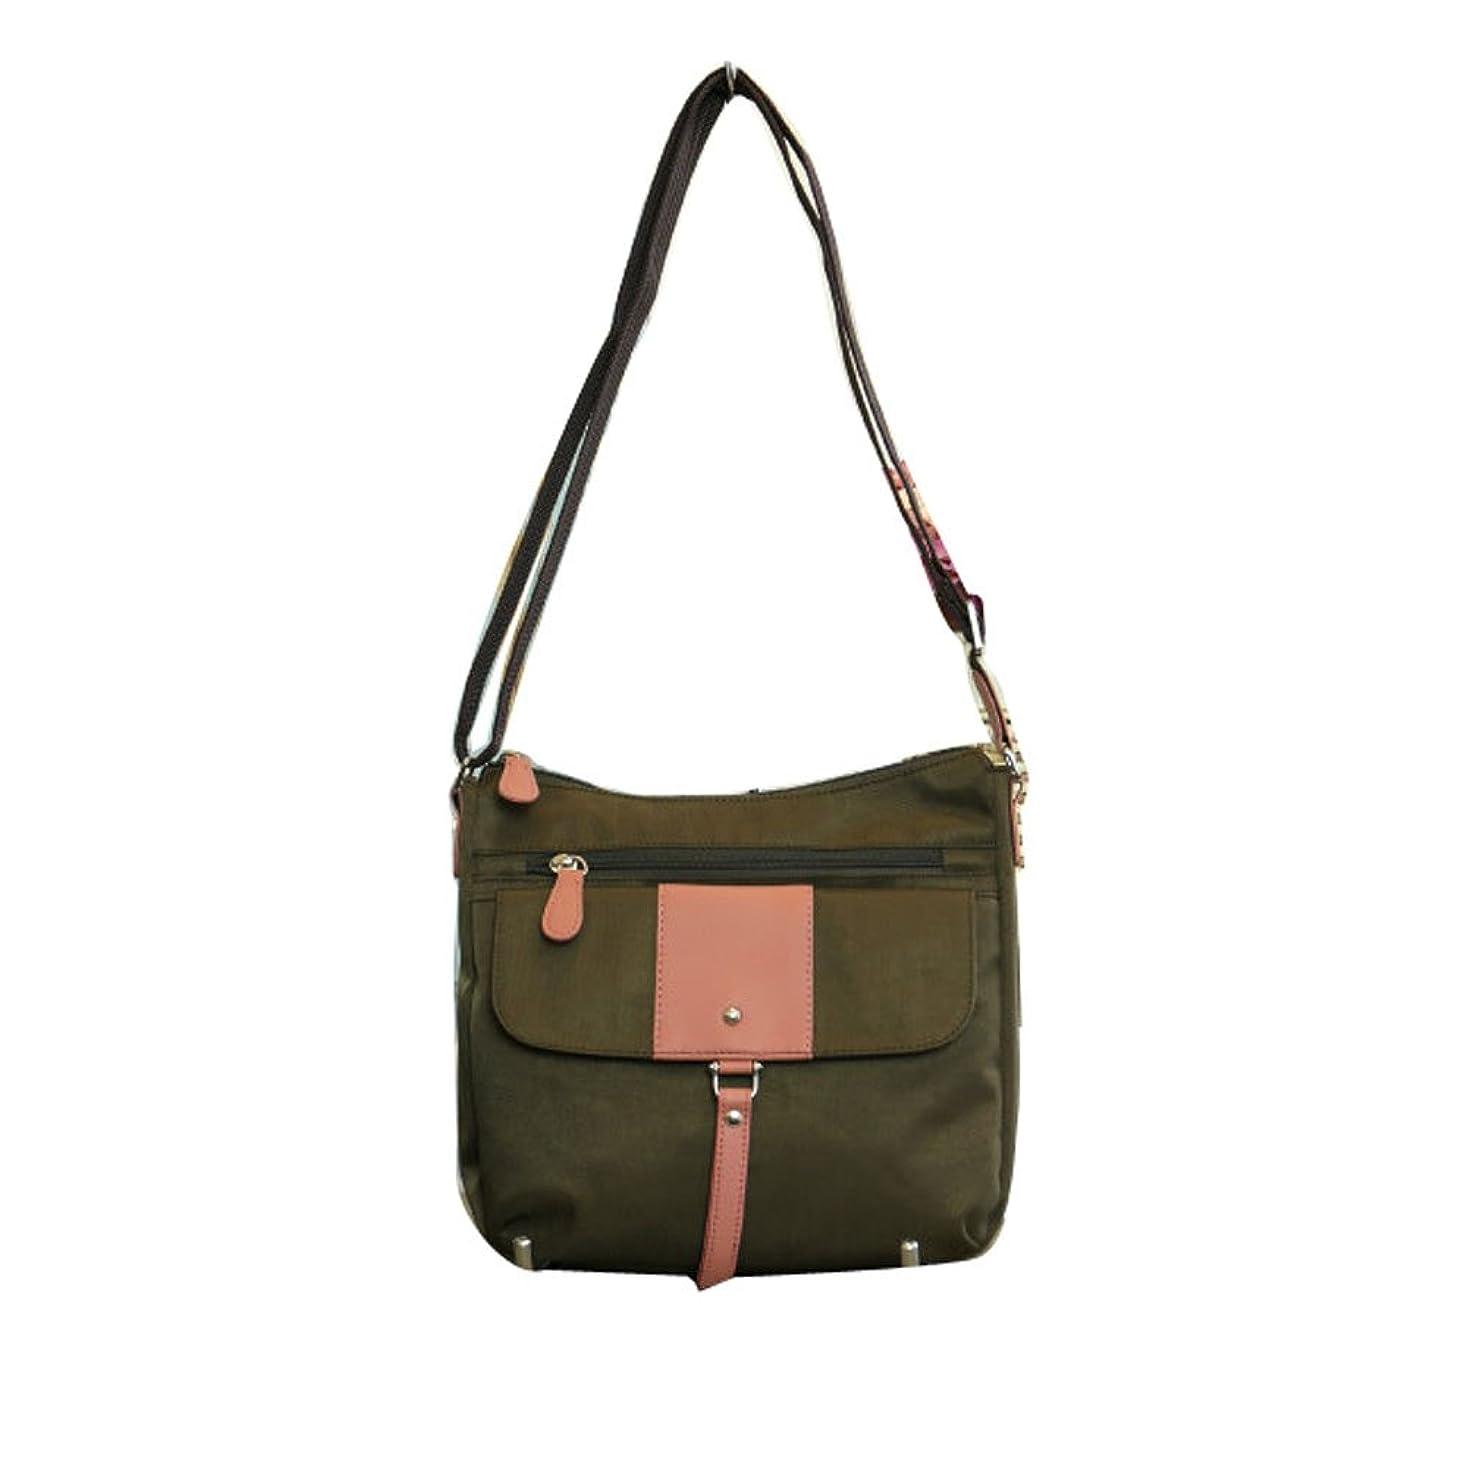 はっきりしないかき混ぜるバンクショルダーバッグ PELLE CLUB ポーター スクェアー ナイロンバッグ:bag-be-6168708